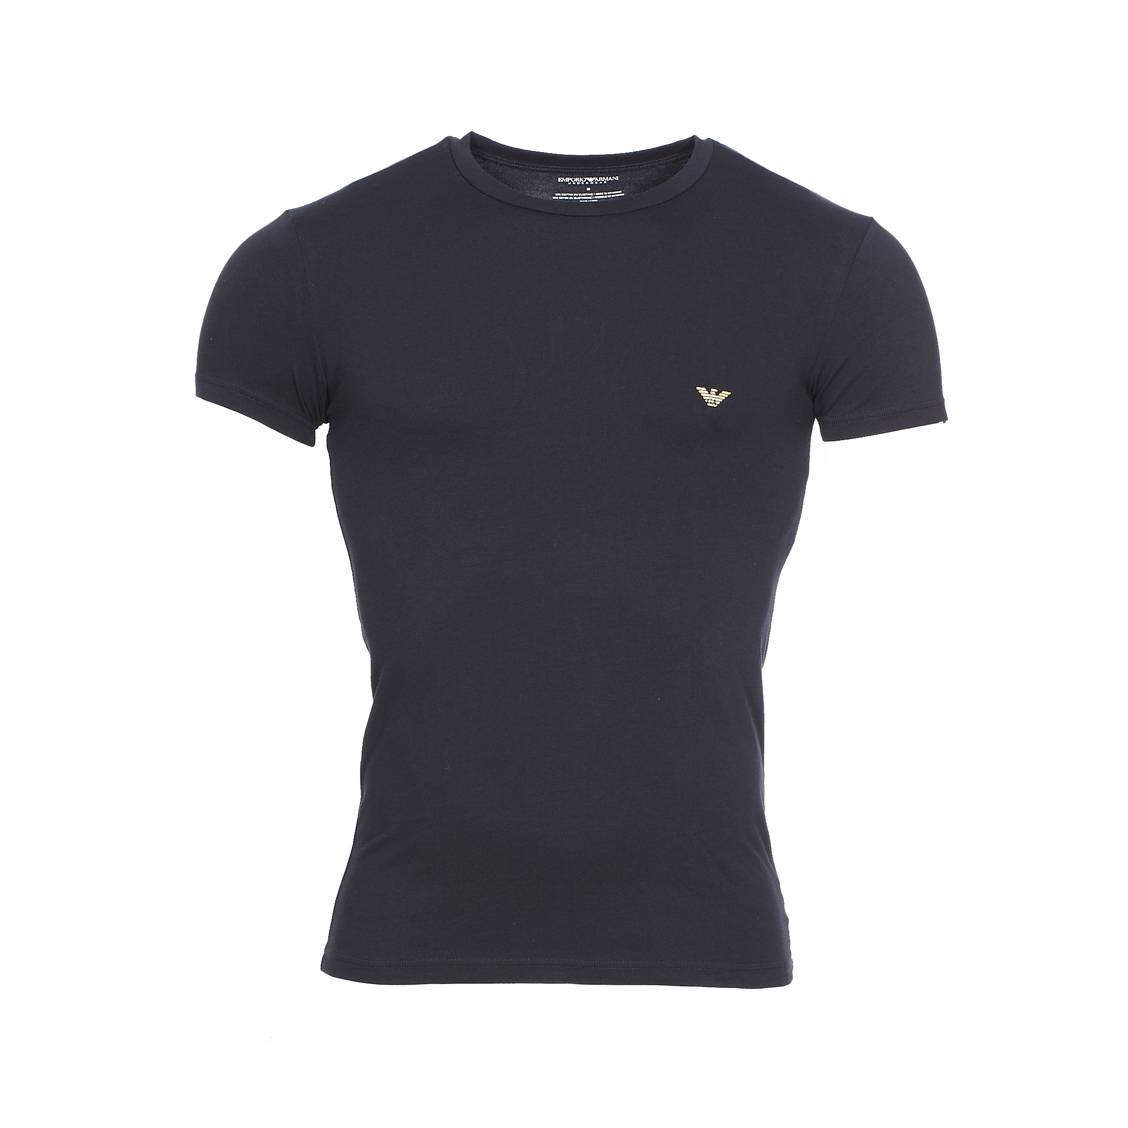 Tee-shirt col rond  en coton stretch noir floqué du logo en doré dans le dos